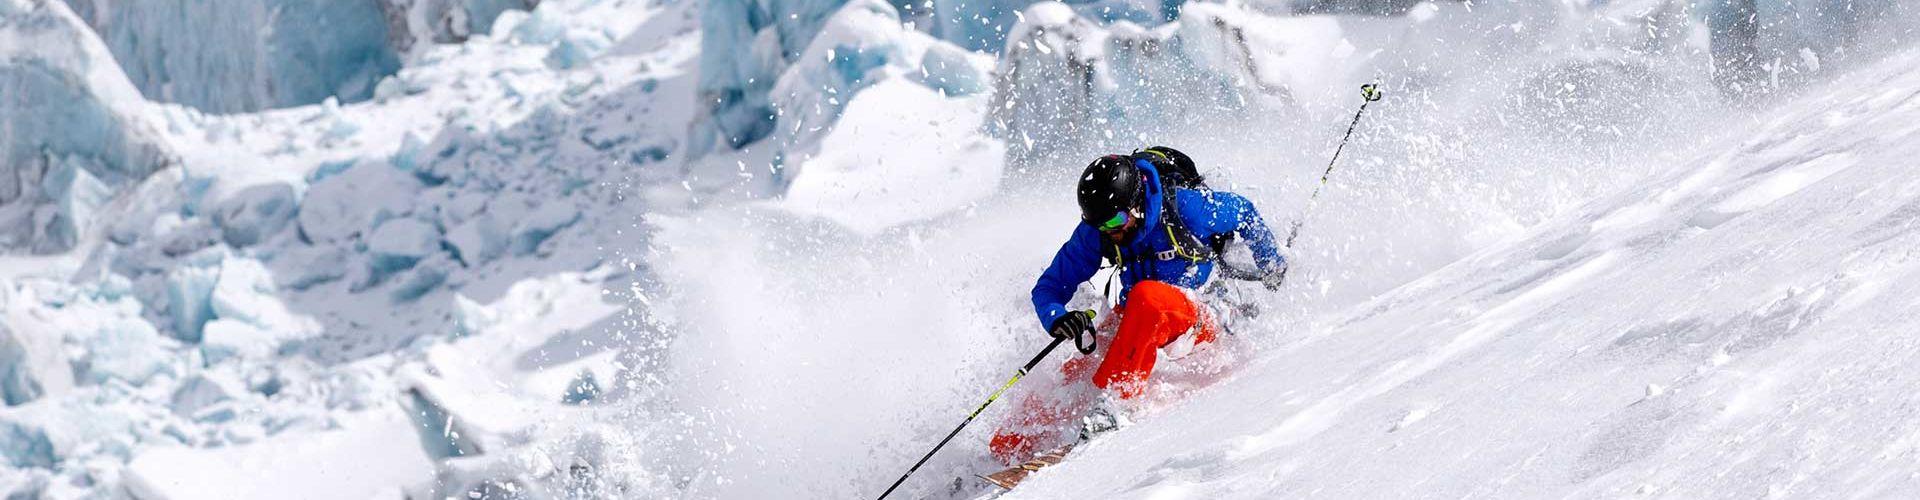 Kaunertaler Gletscher - Foto: Kaunertaler Gletscher, Christian Penning